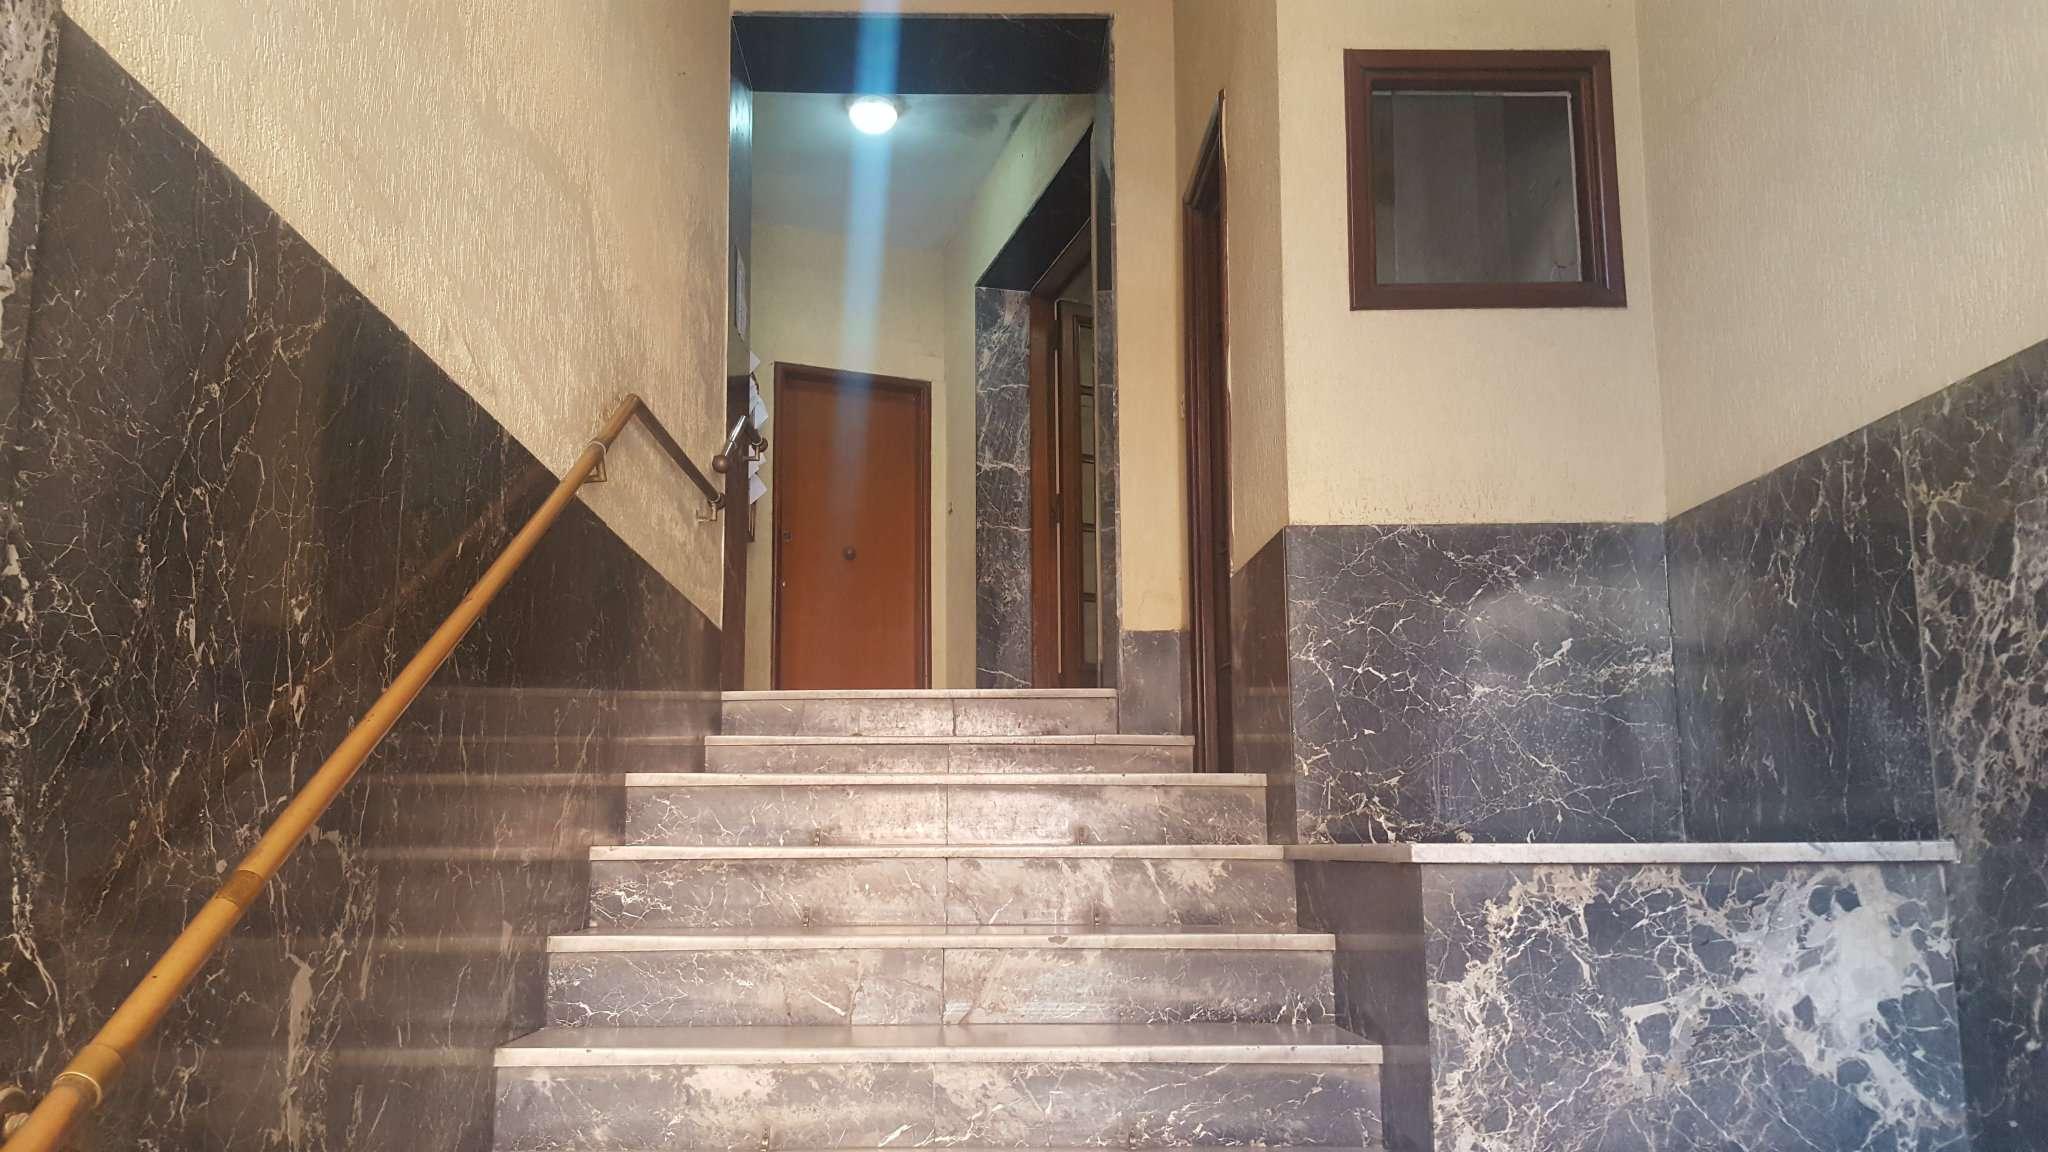 Appartamento in vendita a Roma, 2 locali, zona Zona: 4 . Nomentano, Bologna, Policlinico, prezzo € 250.000 | CambioCasa.it